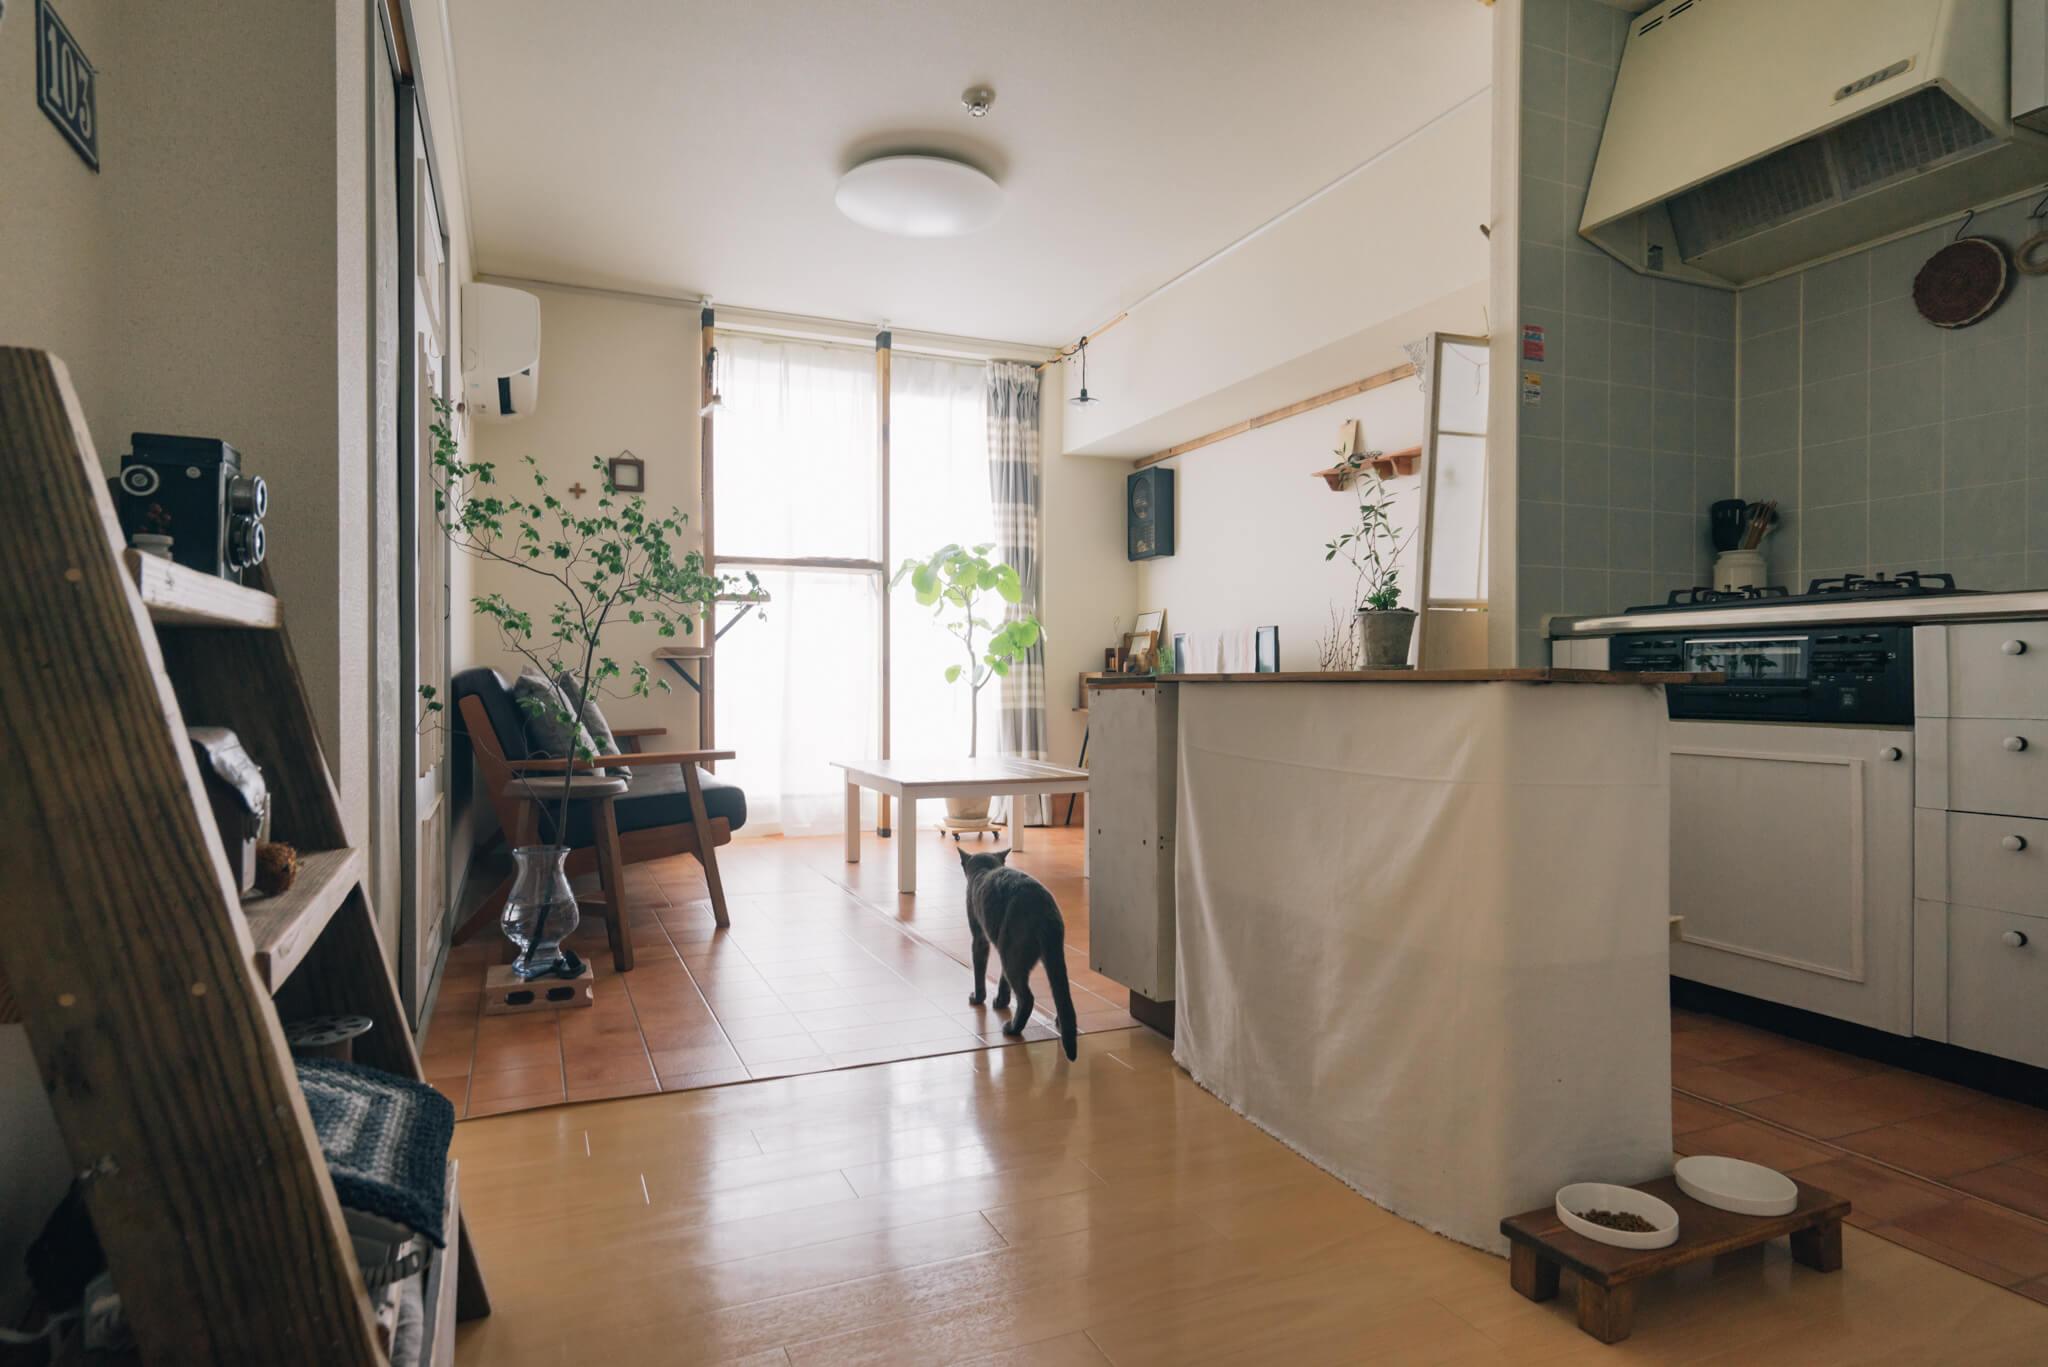 参考記事:賃貸でペットを飼うとき、気をつけたほうがいいことって?